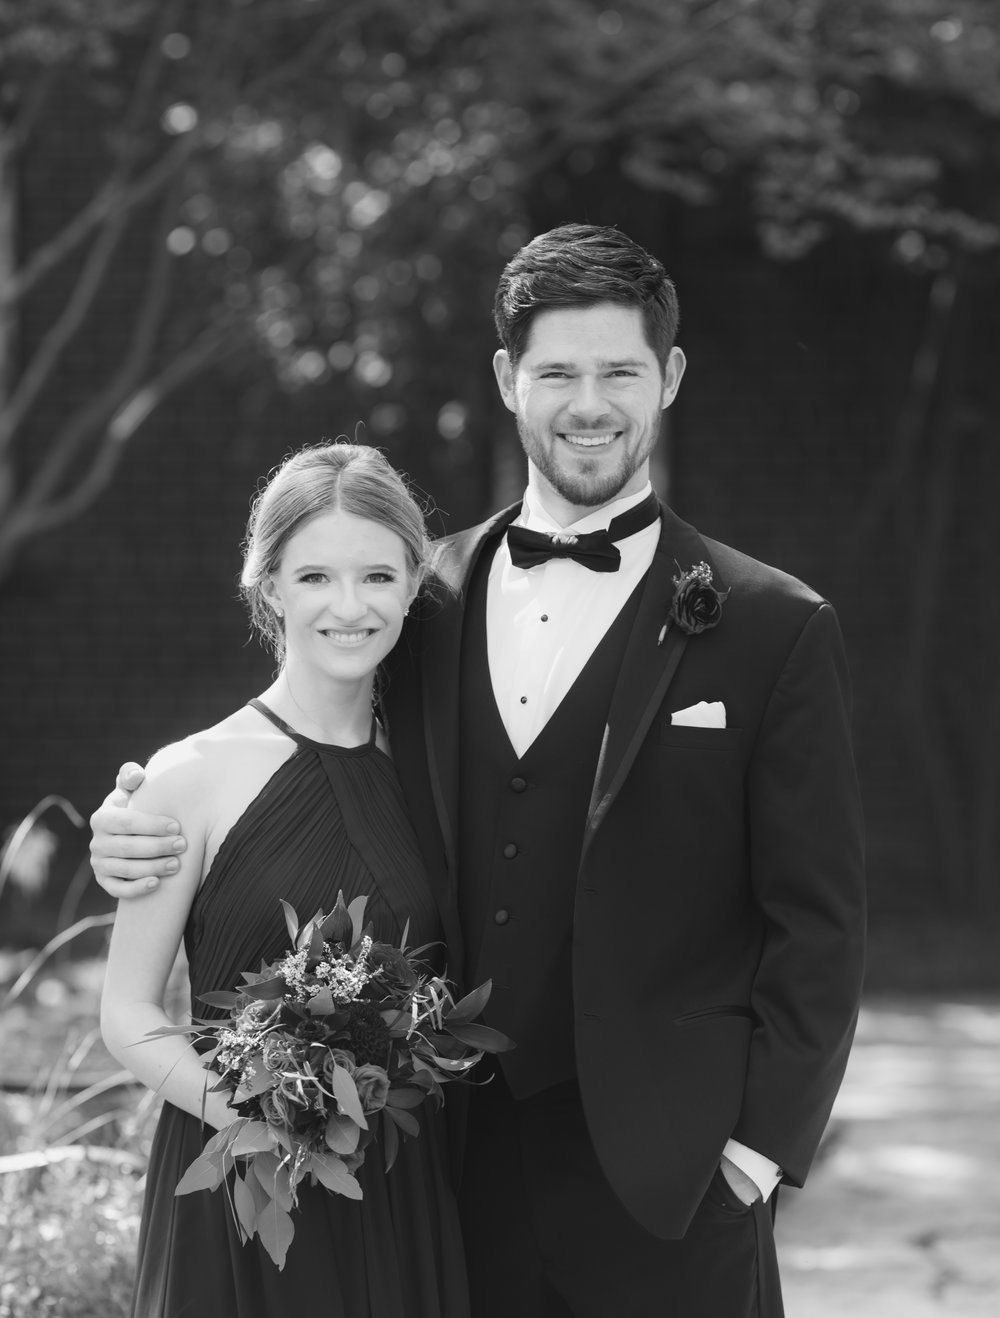 shareyah_John_detroit_wedding_preview_026.JPG